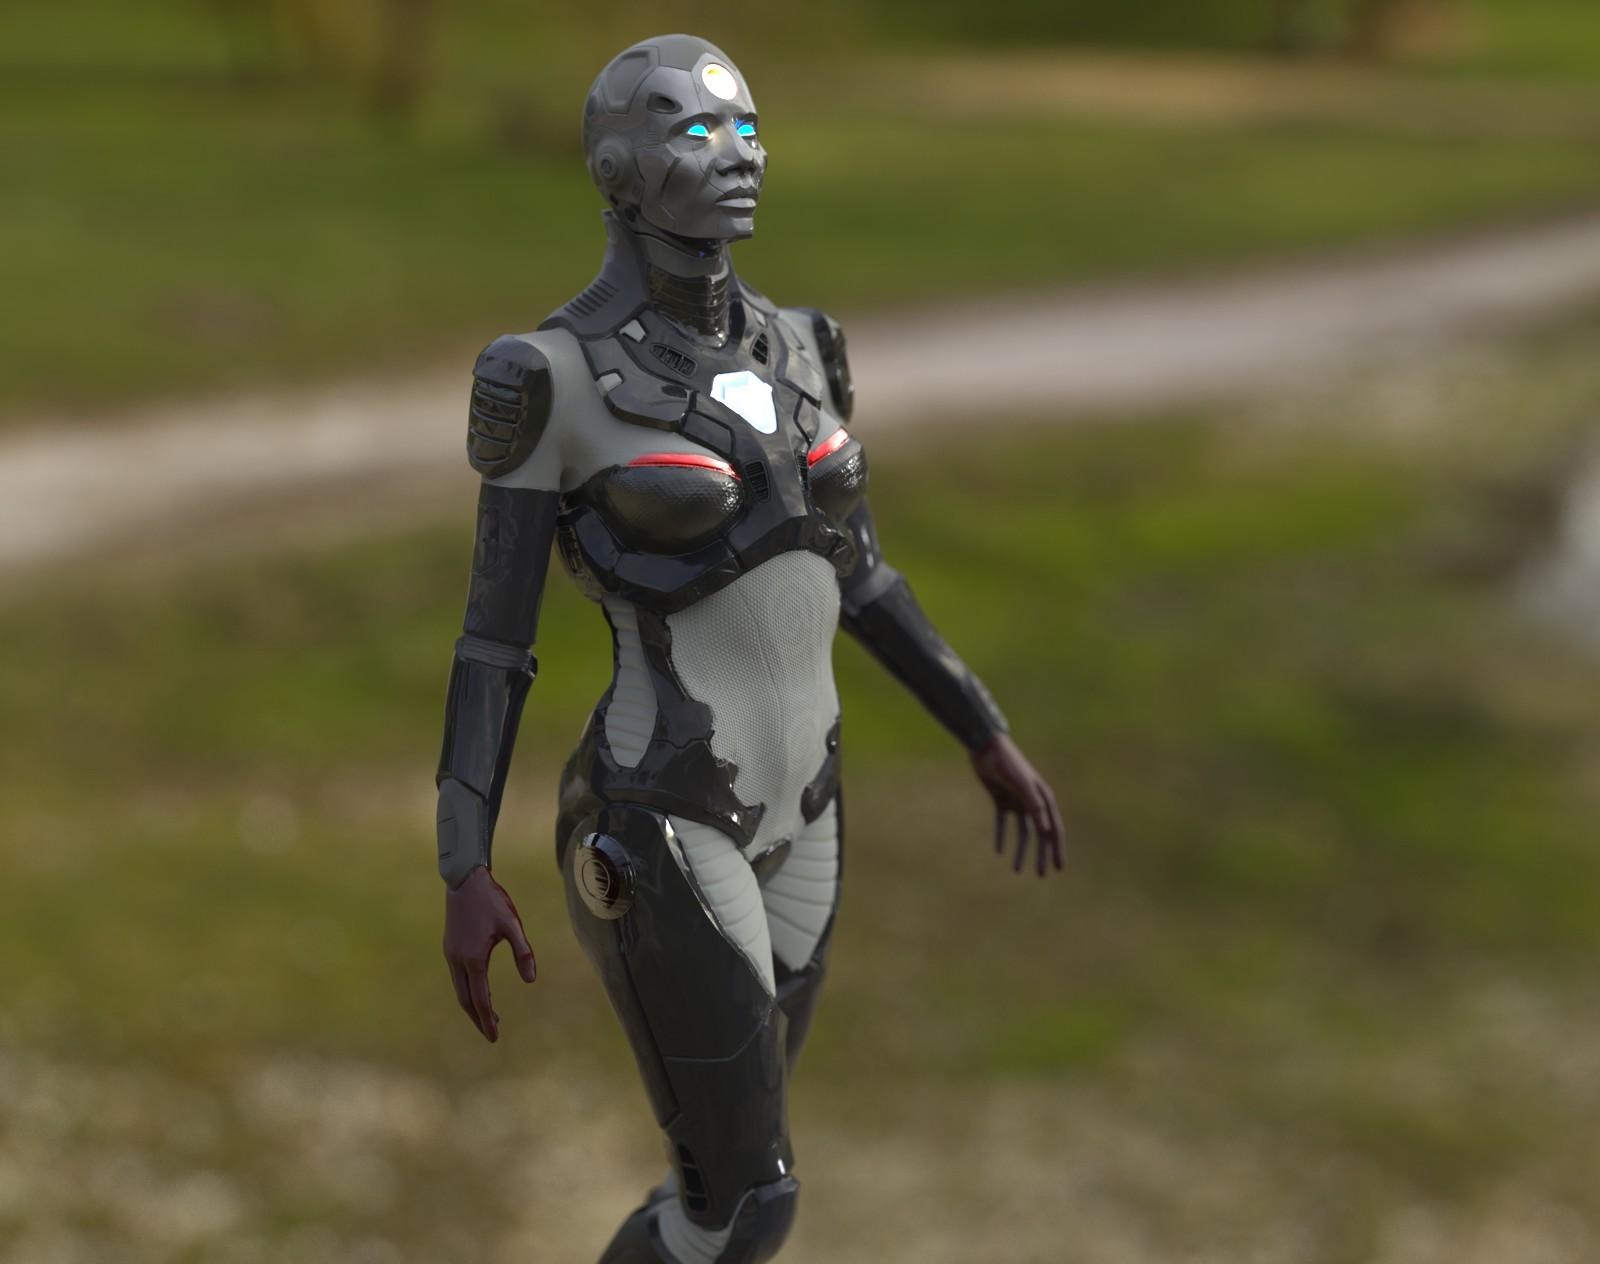 Robo Auntie